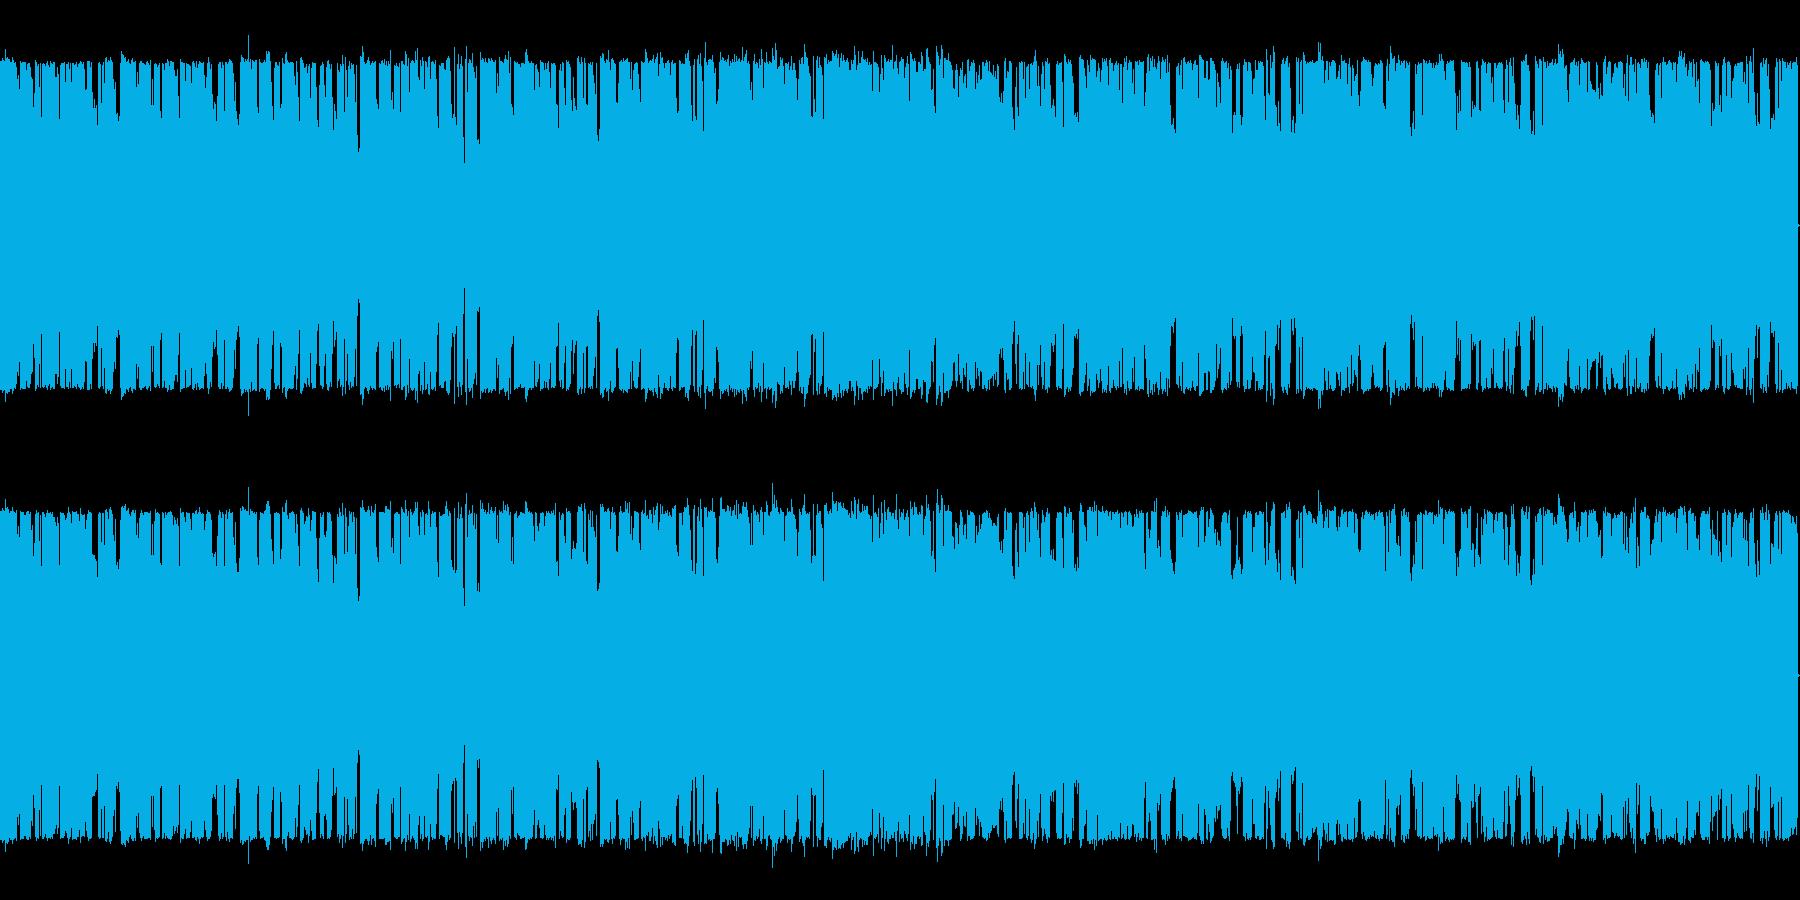 ブリブリベースのスロートランス系 の再生済みの波形